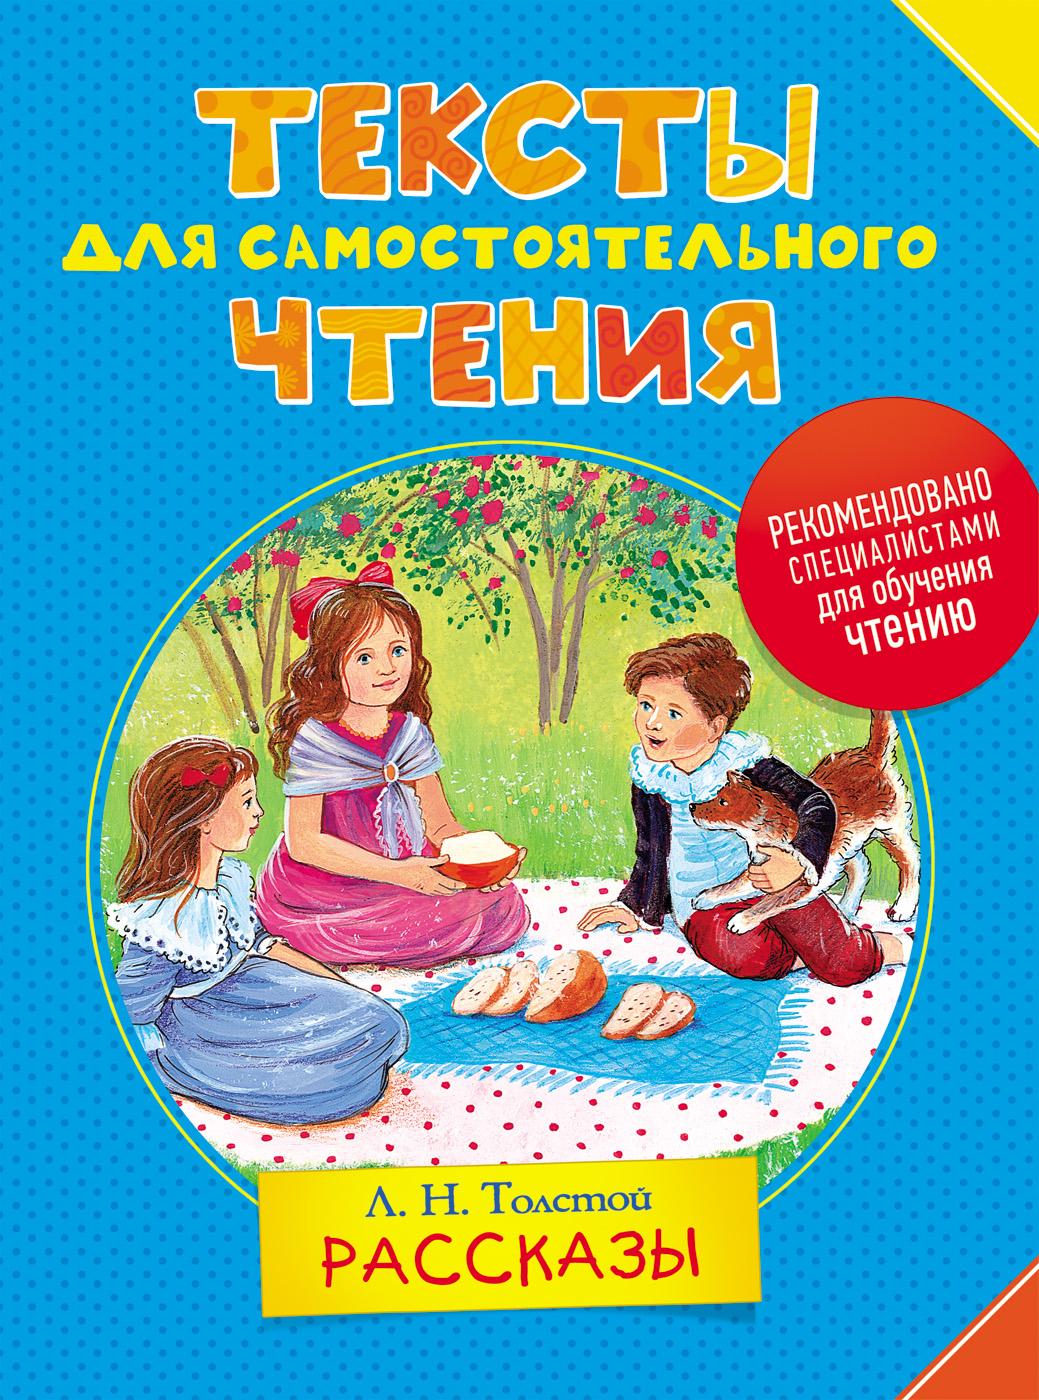 Купить Книга - Тексты для самостоятельного чтения, Толстой Л.Н. – Рассказы, Росмэн